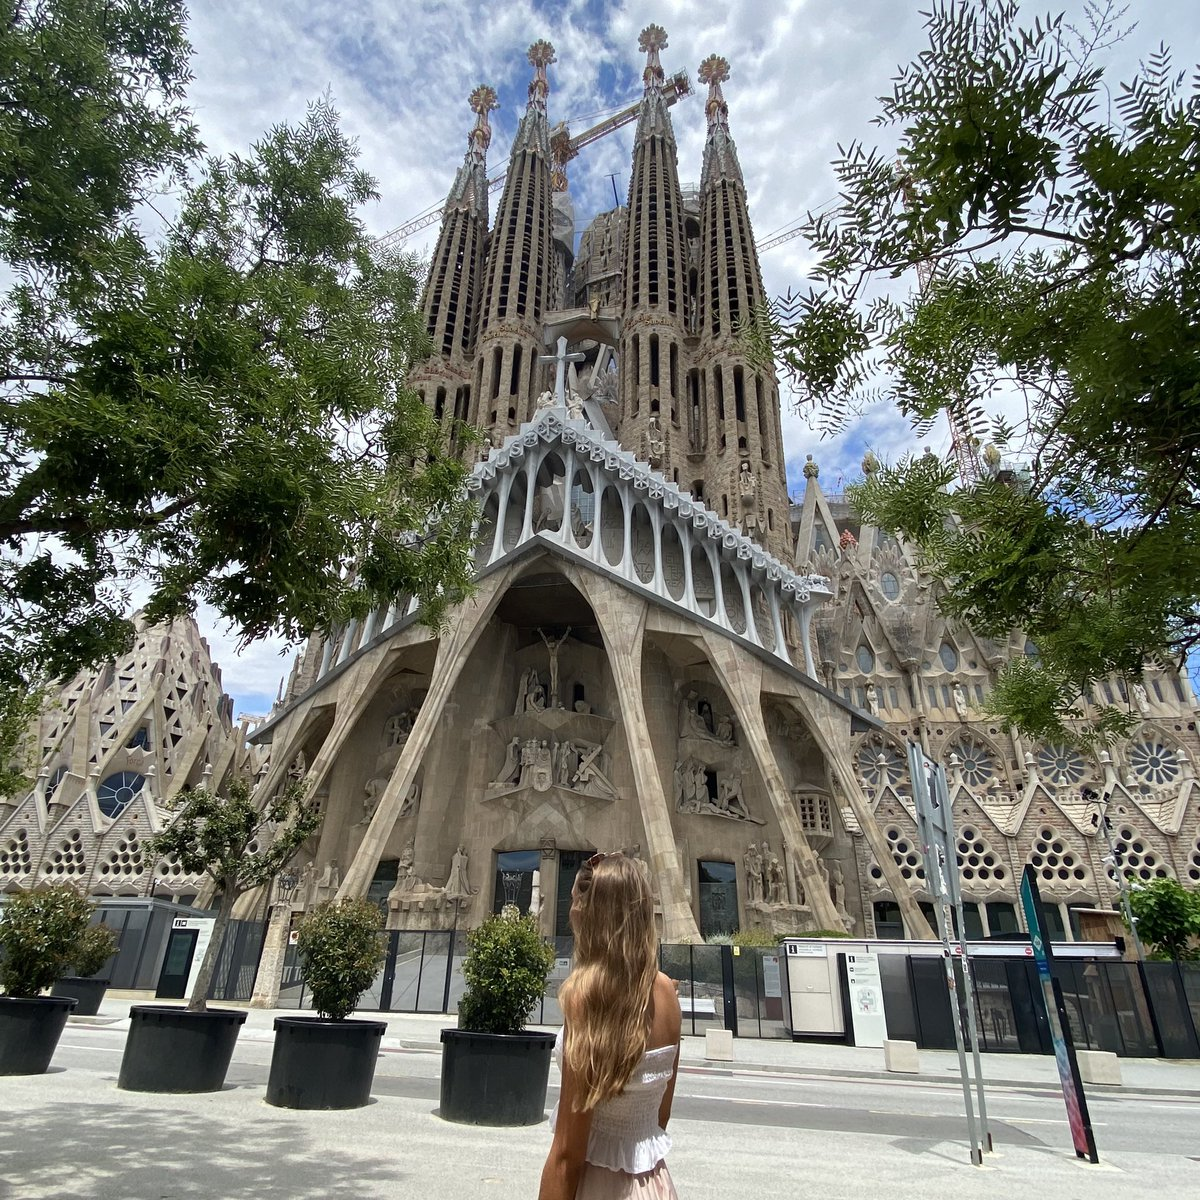 Ein Anblick, den man so wohl kaum wieder erleben wird. Die Sagrada Família…